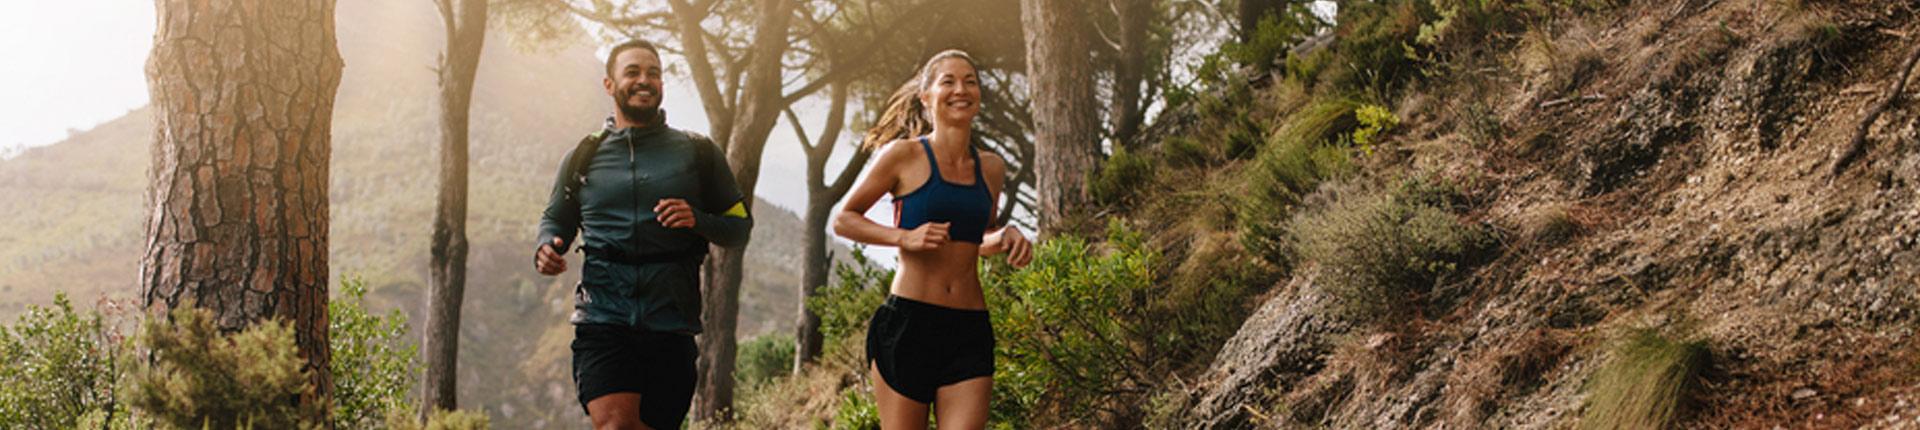 Bieganie a niedobory żelaza. Czy biegaczom brakuje żelaza?